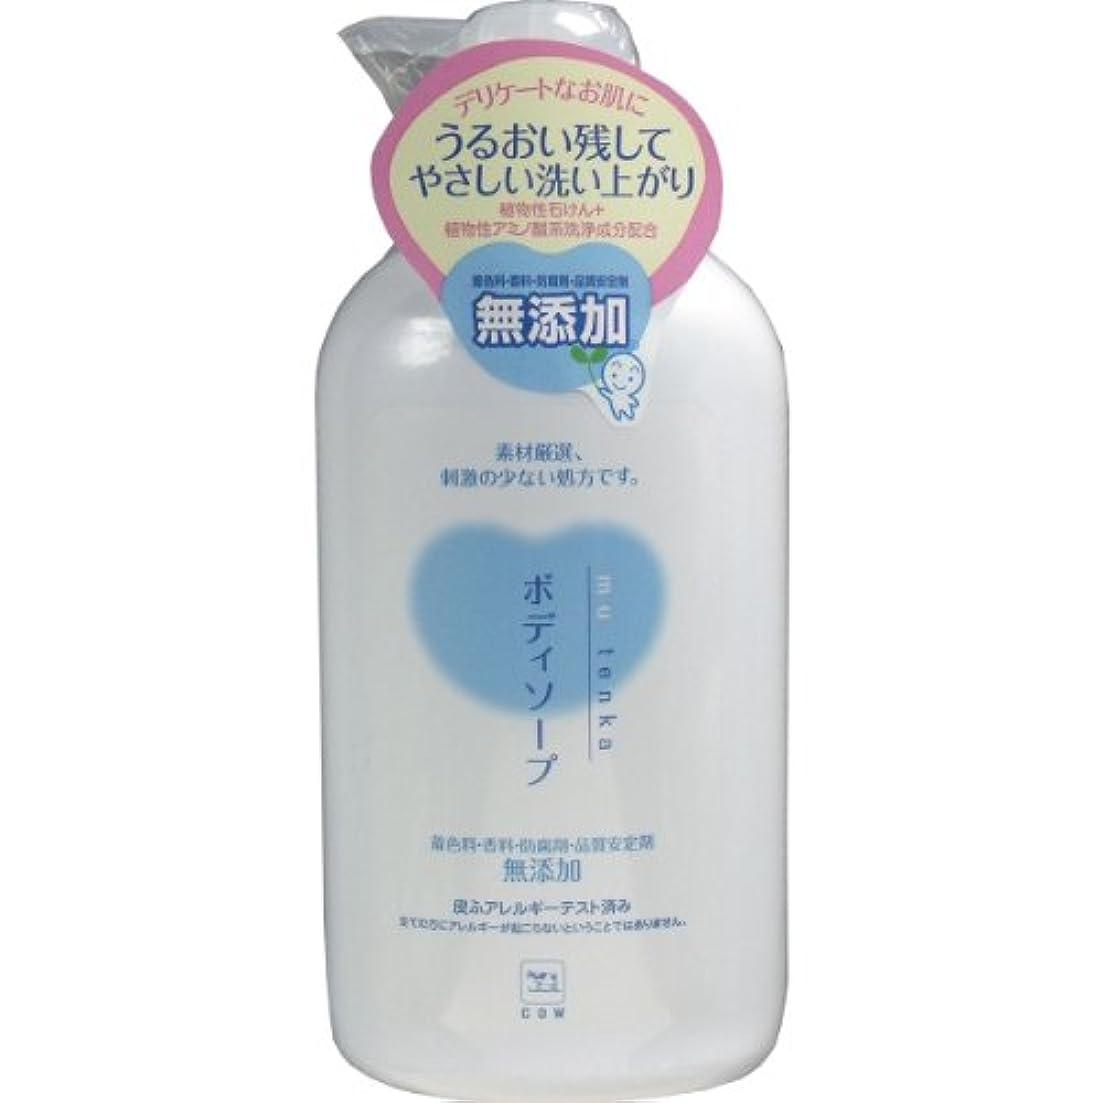 議題高架渇き牛乳石鹸共進社 カウブランド 無添加ボディソープ ポンプ 550ml 本体 ×12点セット (4901525929707)